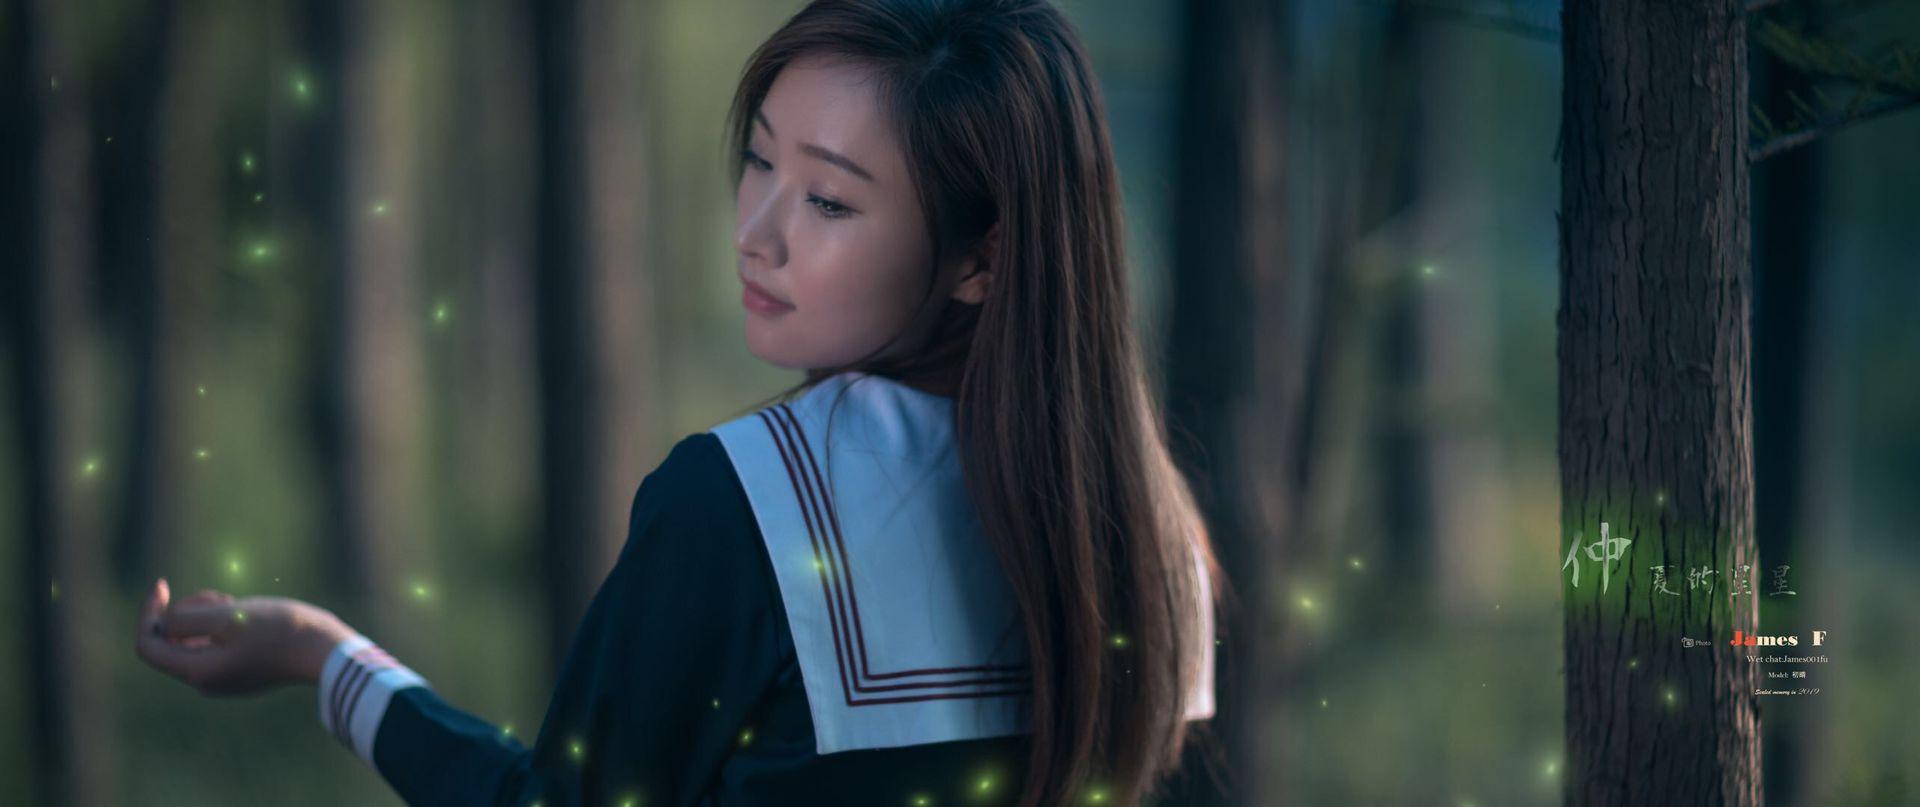 2019-04-17 萤火虫_摄影师james001的返片